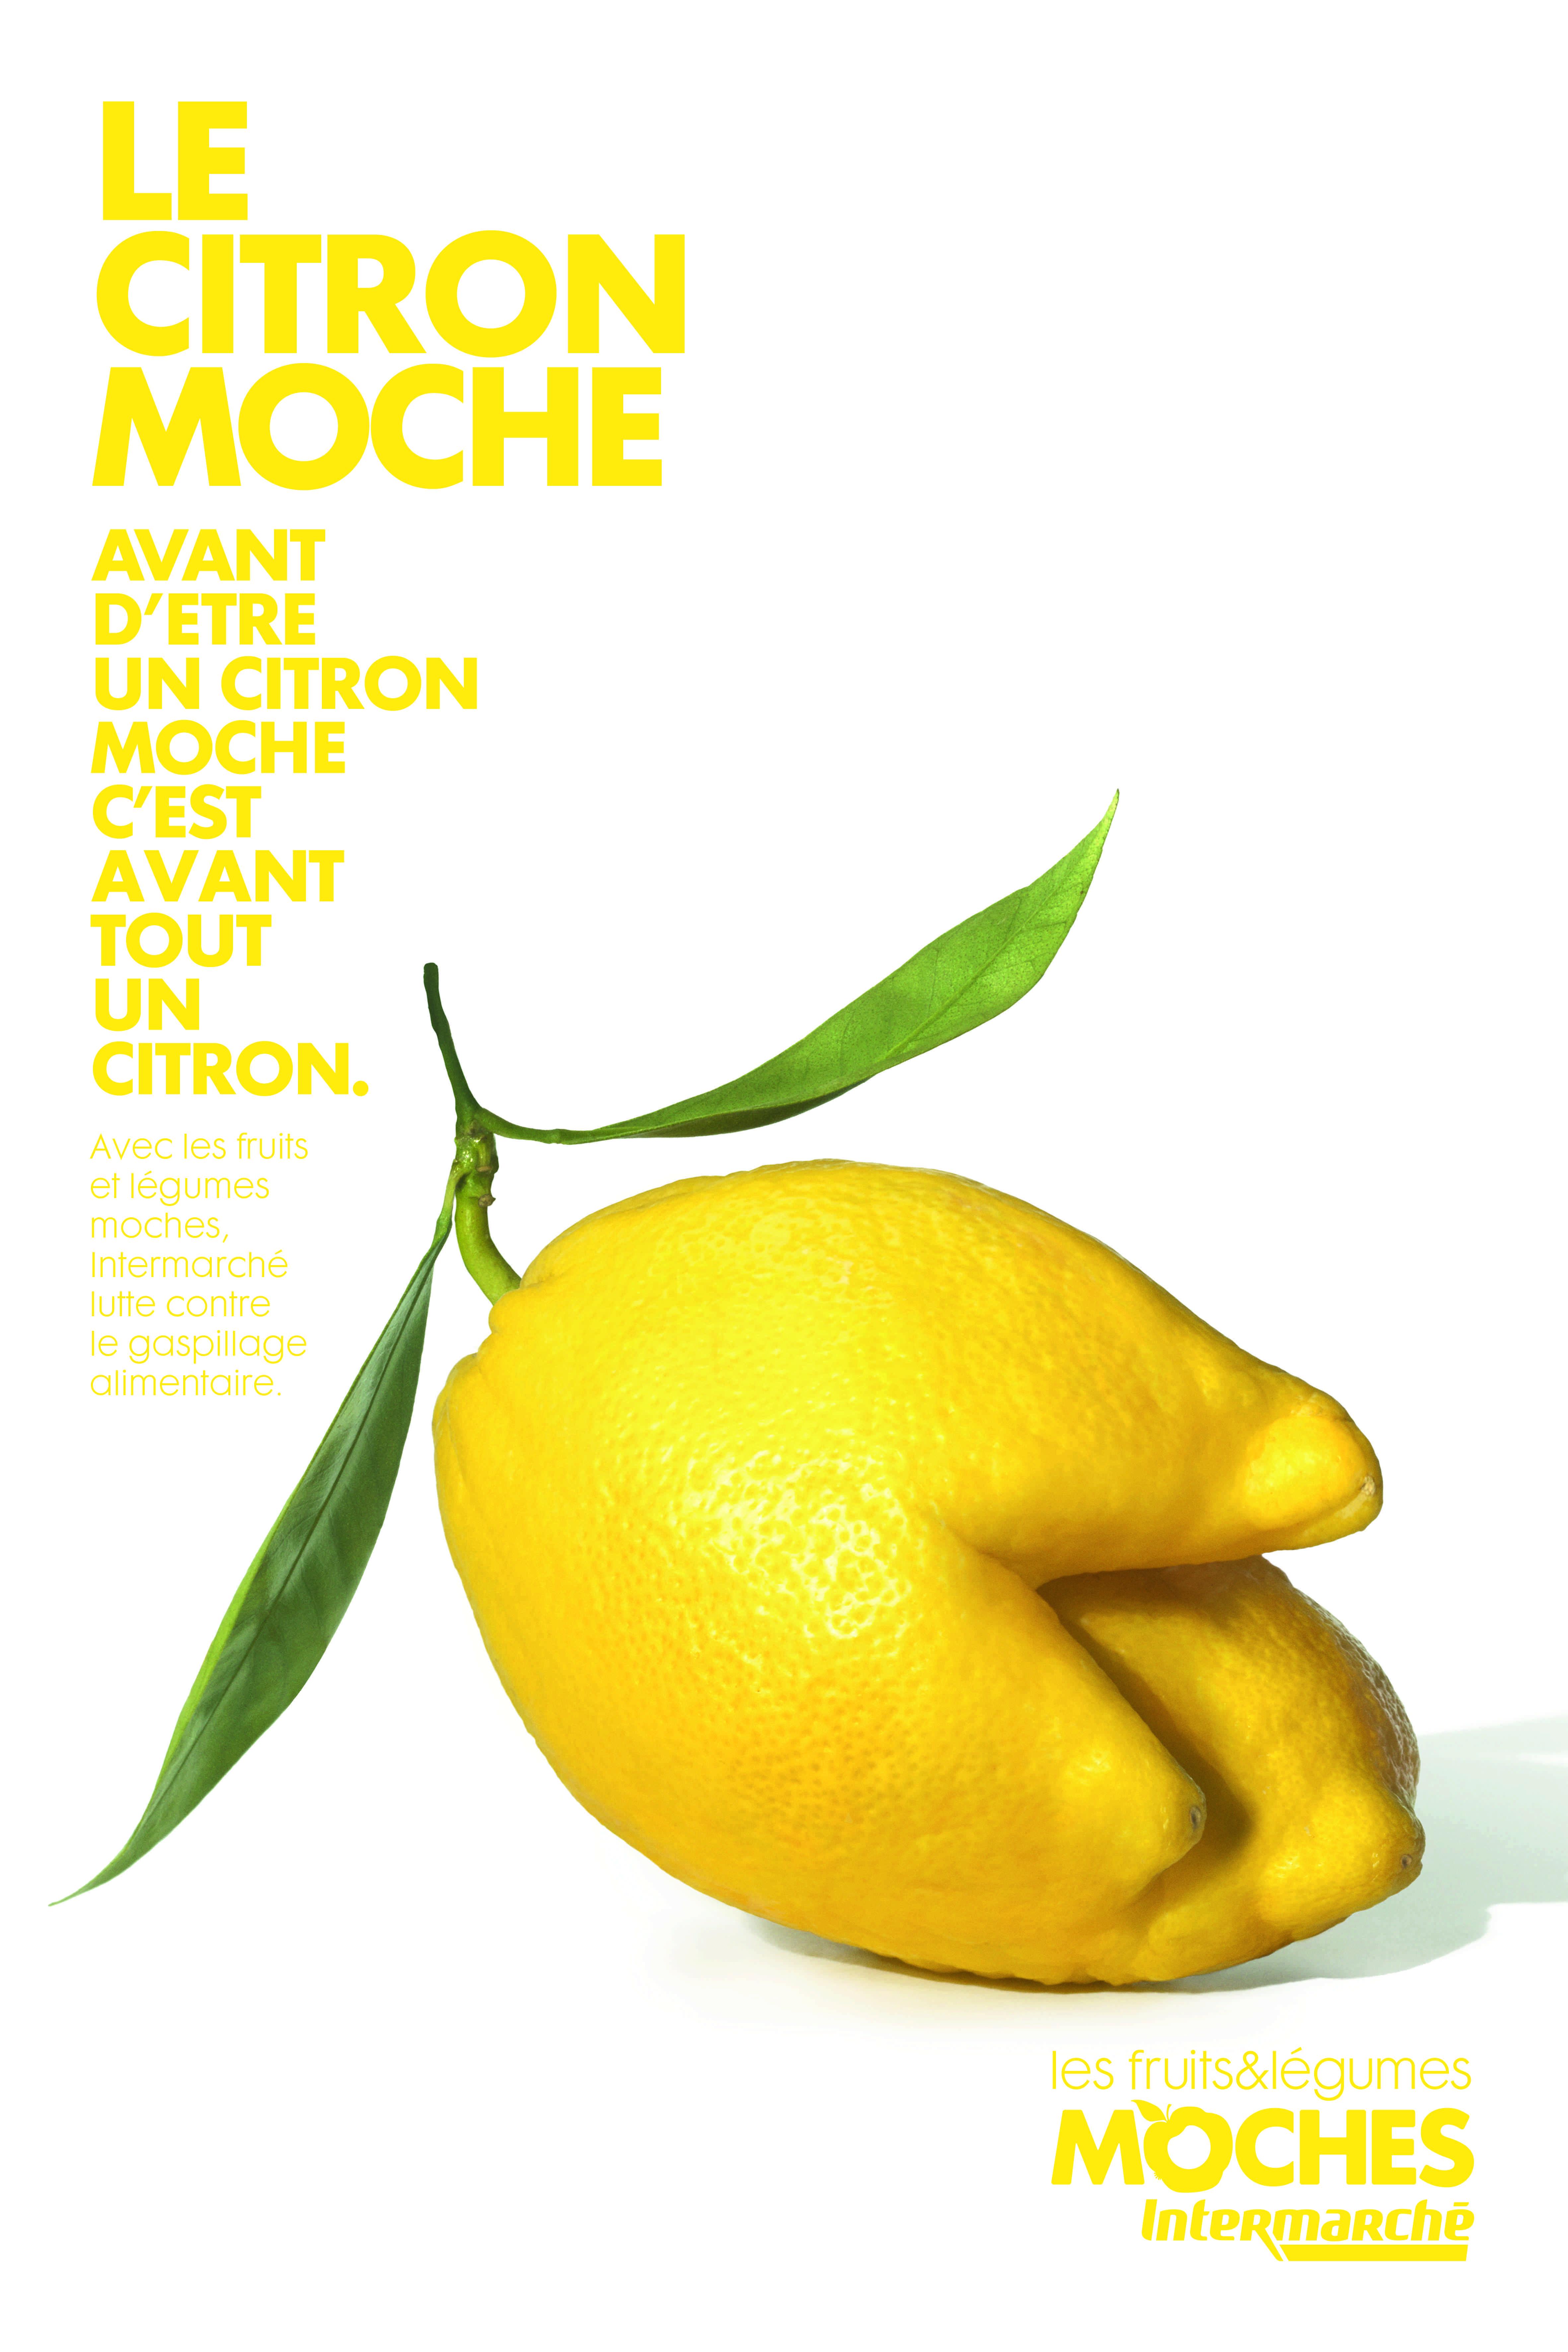 le citron fruit ou légume